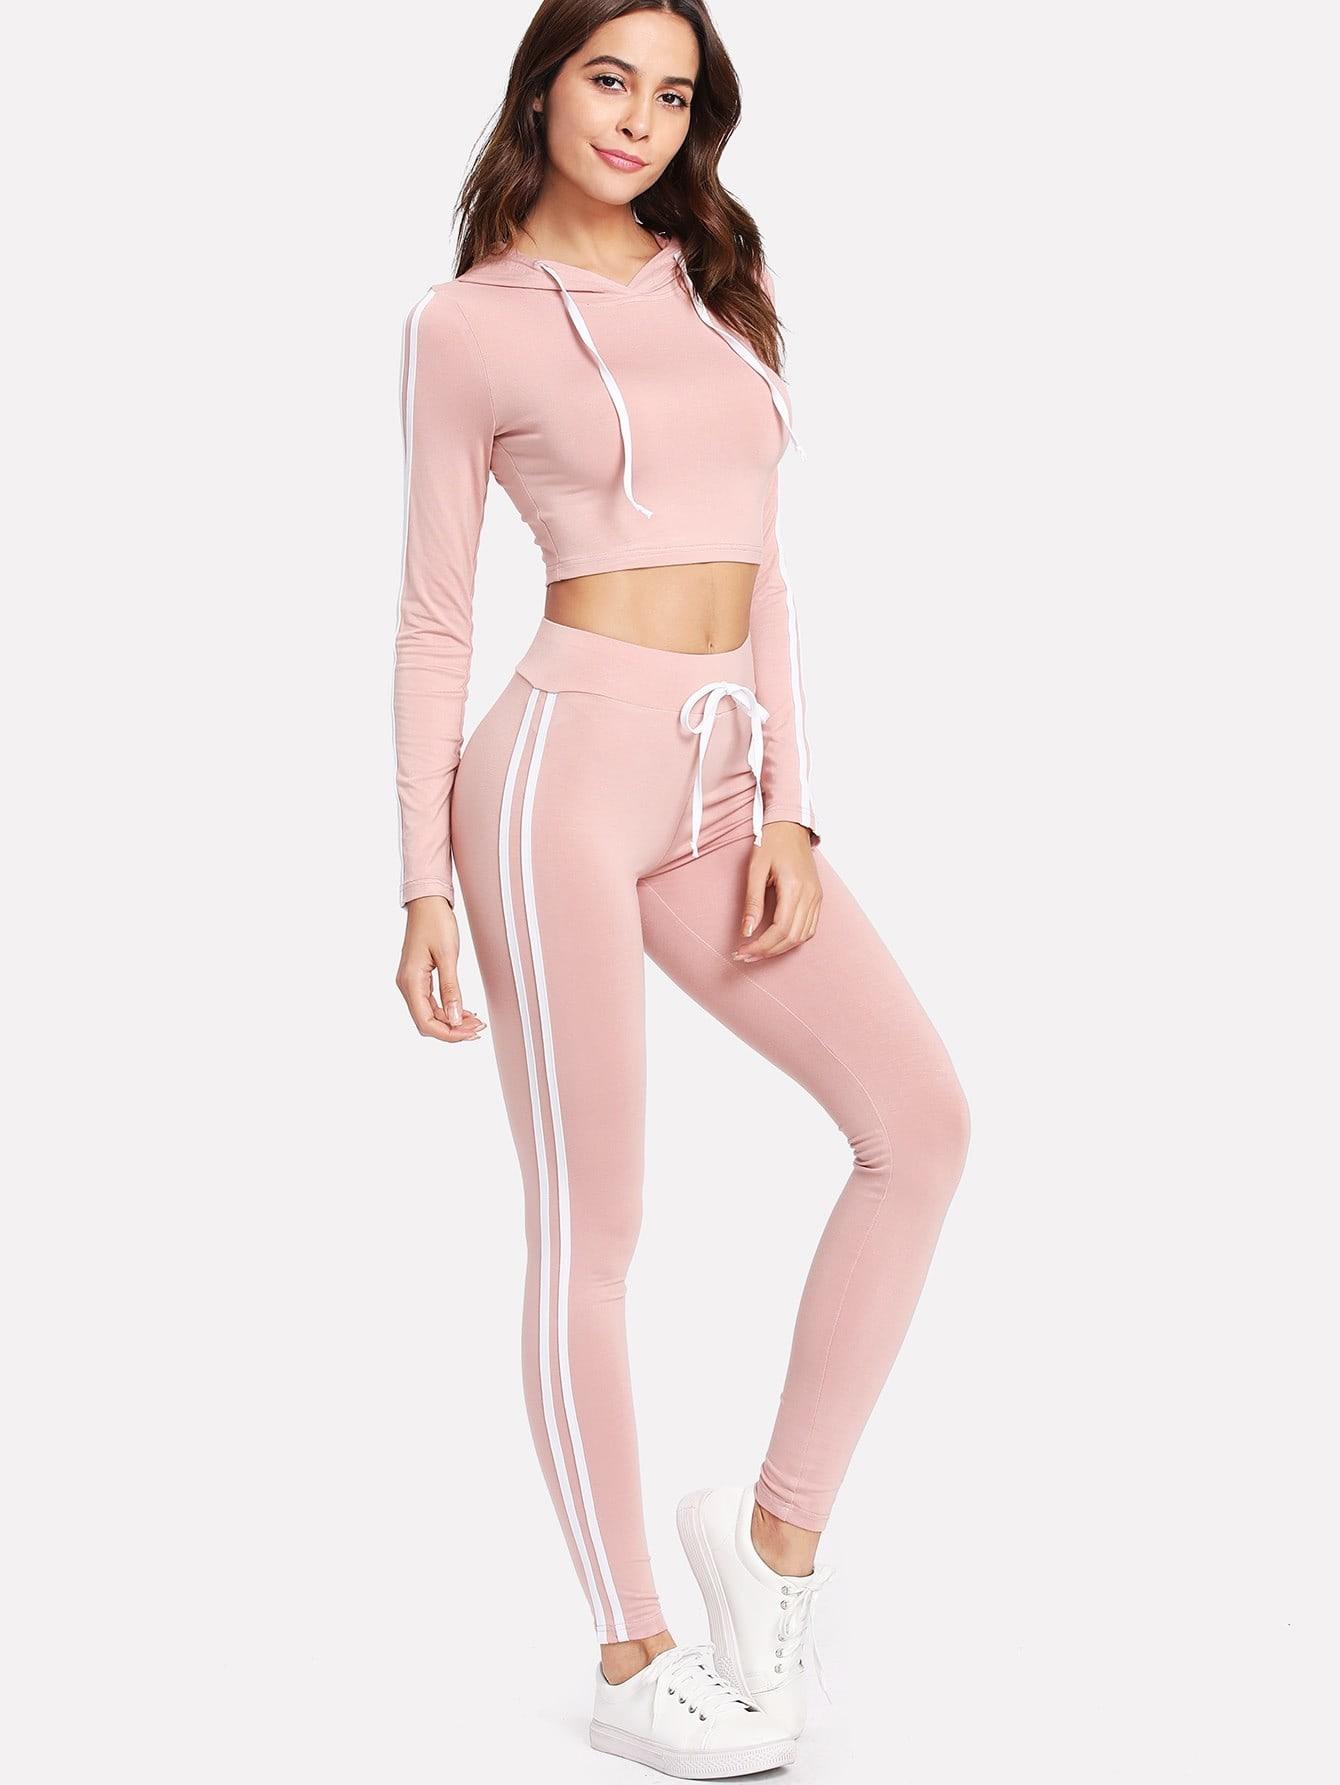 Купить Модный спортивный комплект с капюшоном, Giulia, SheIn